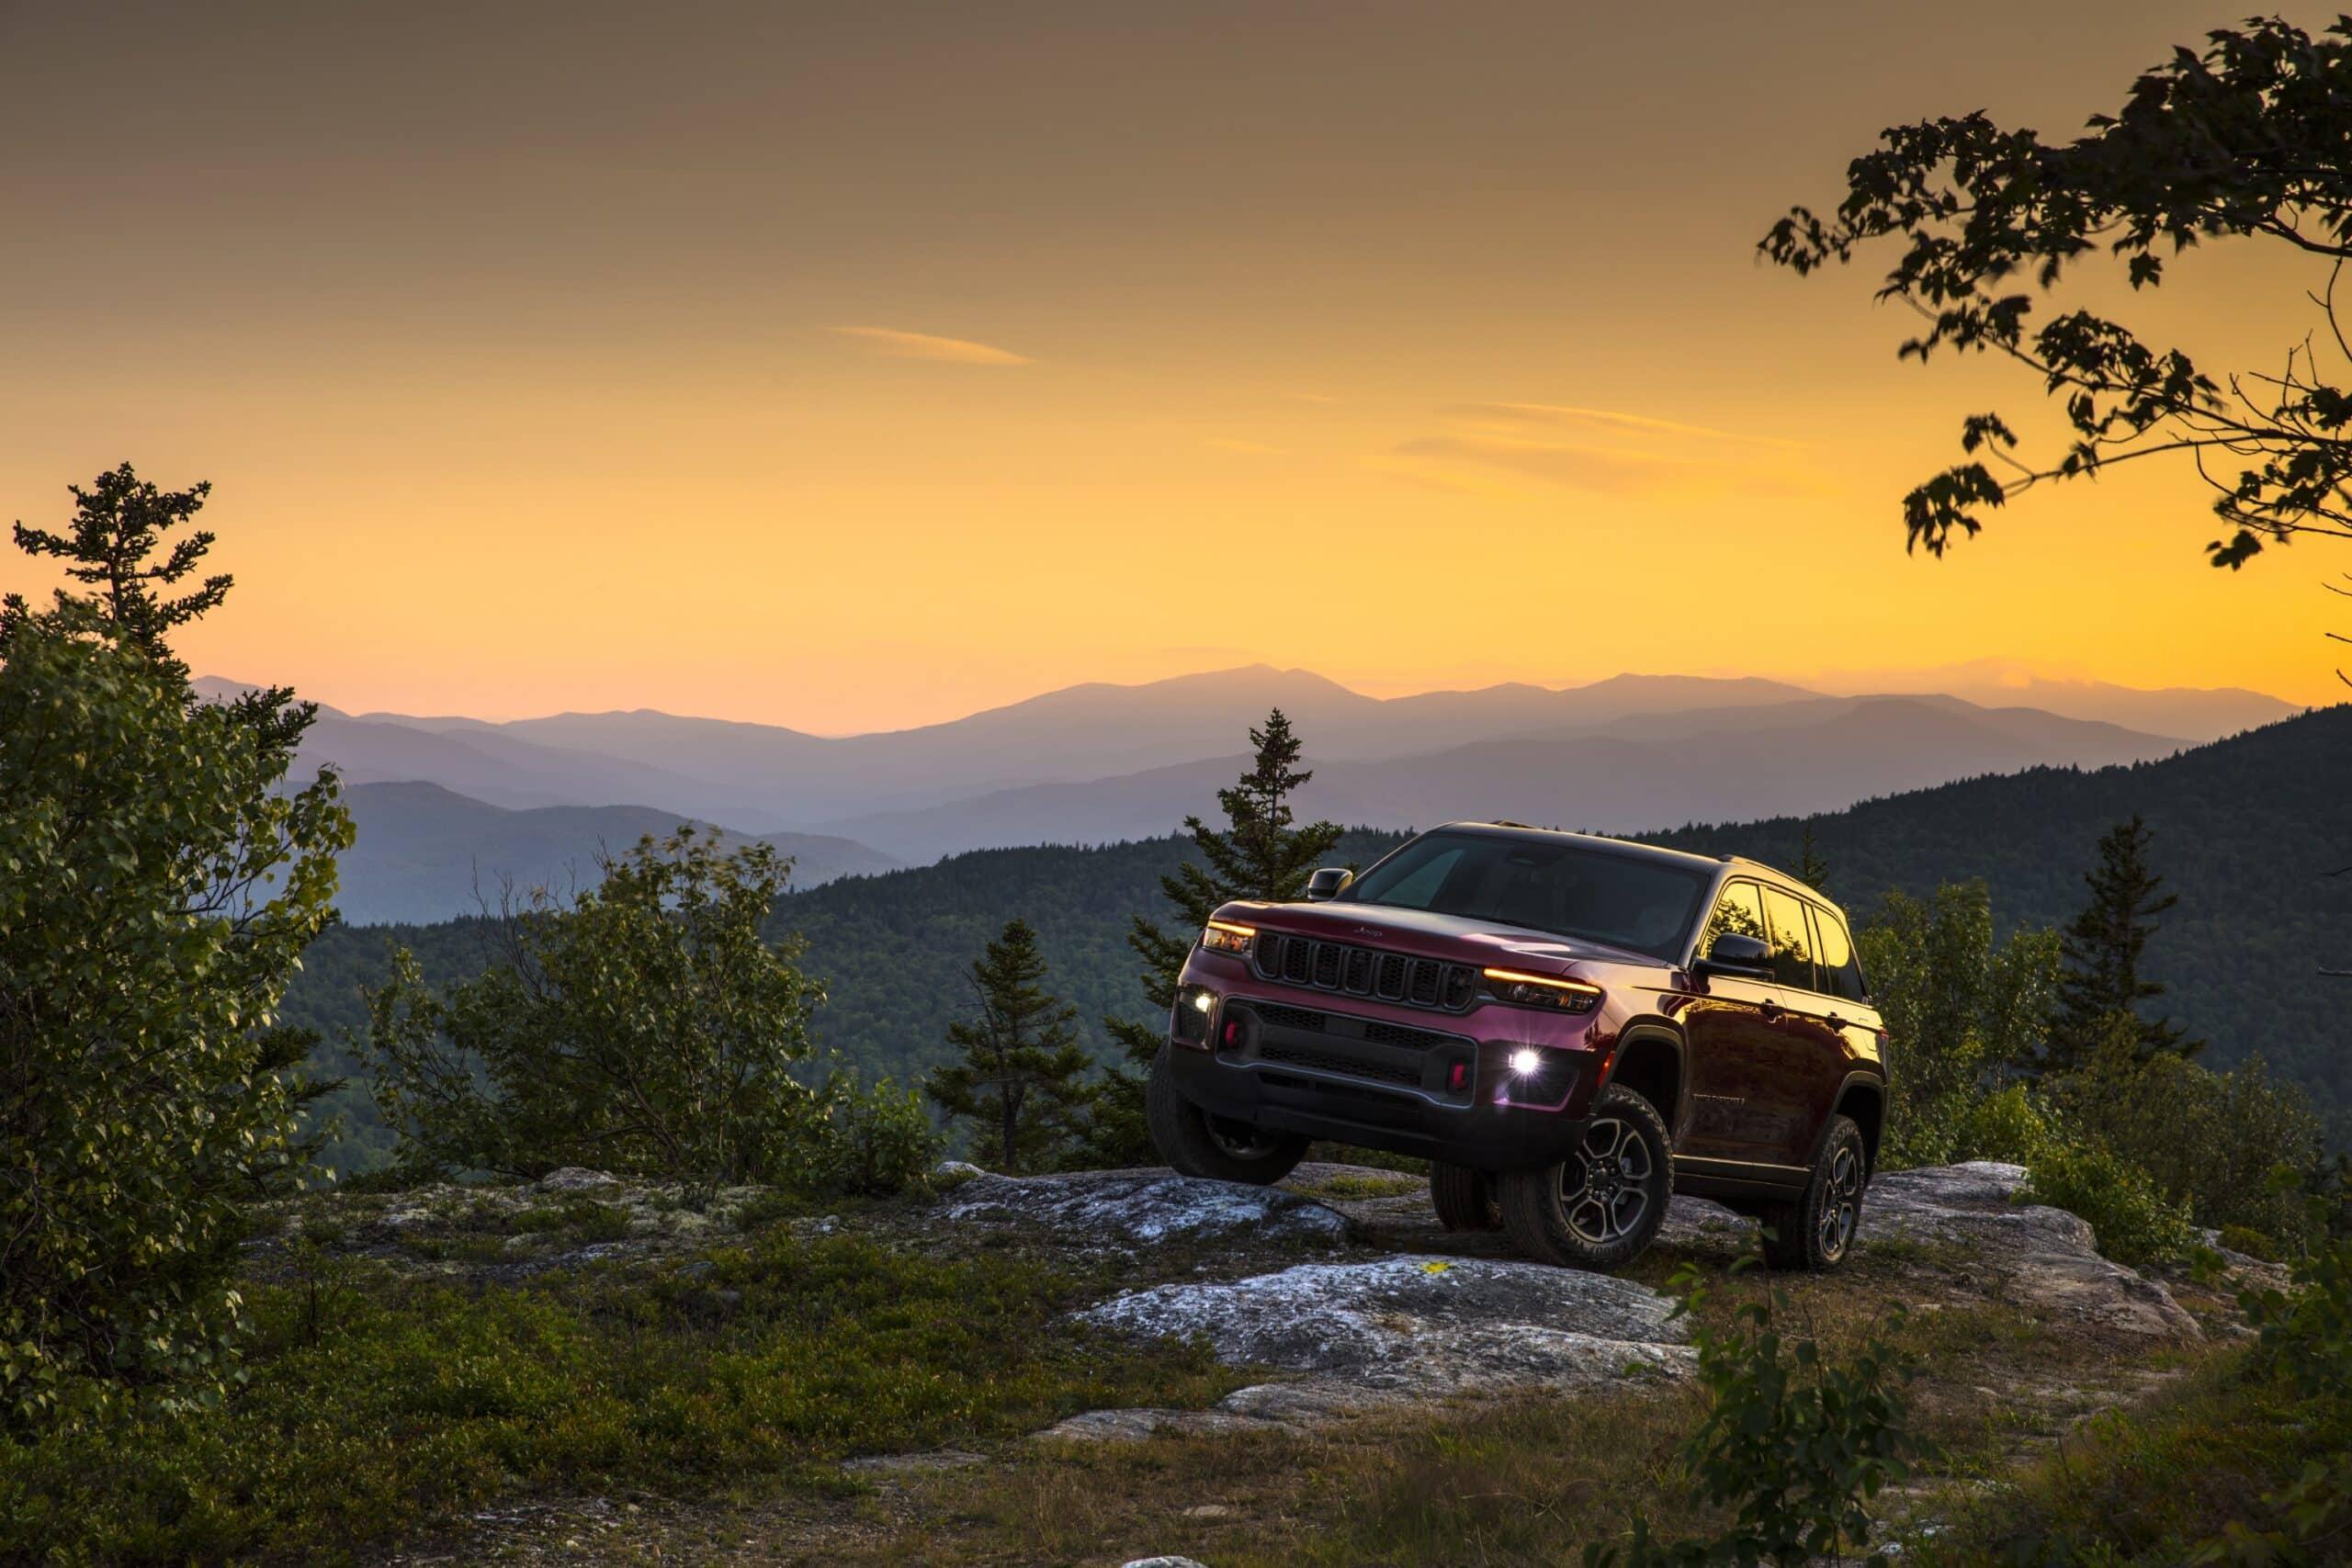 ¡La nueva Jeep Grand Cherokee 2022 viene con tecnología híbrida enchufable!